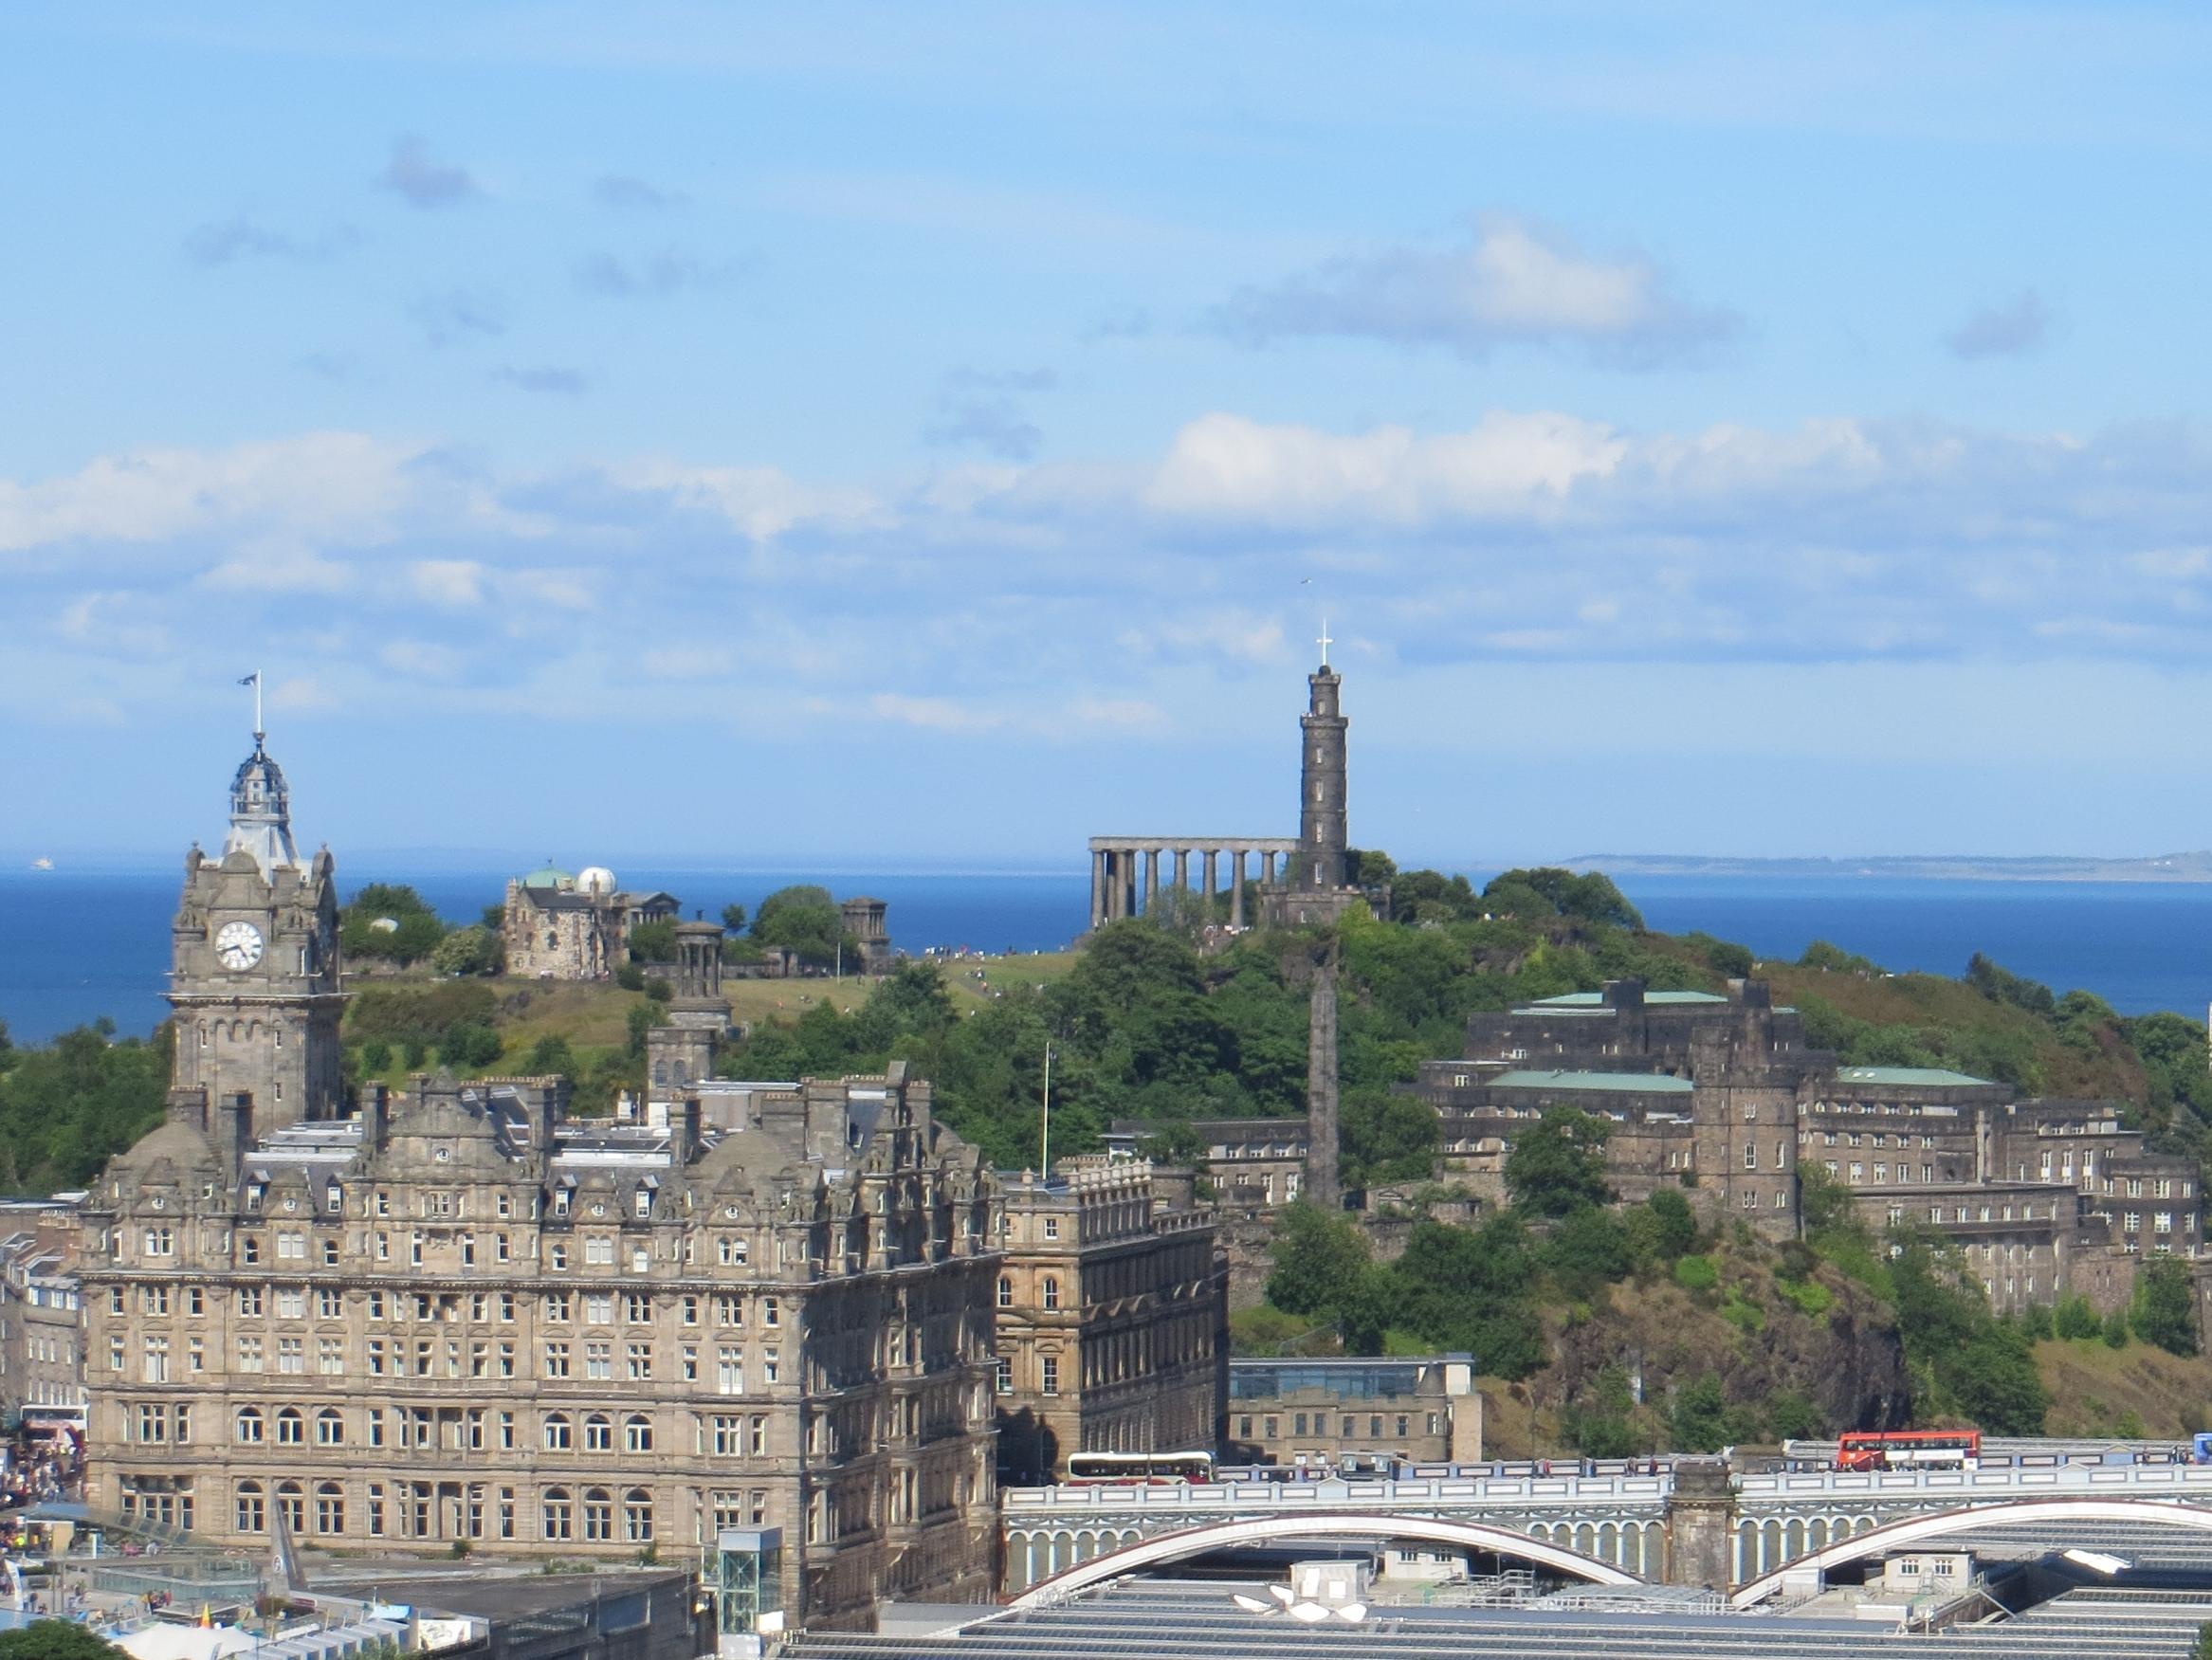 S Queensferry Scotland 7.4 Edinburgh best overview IMG_1398